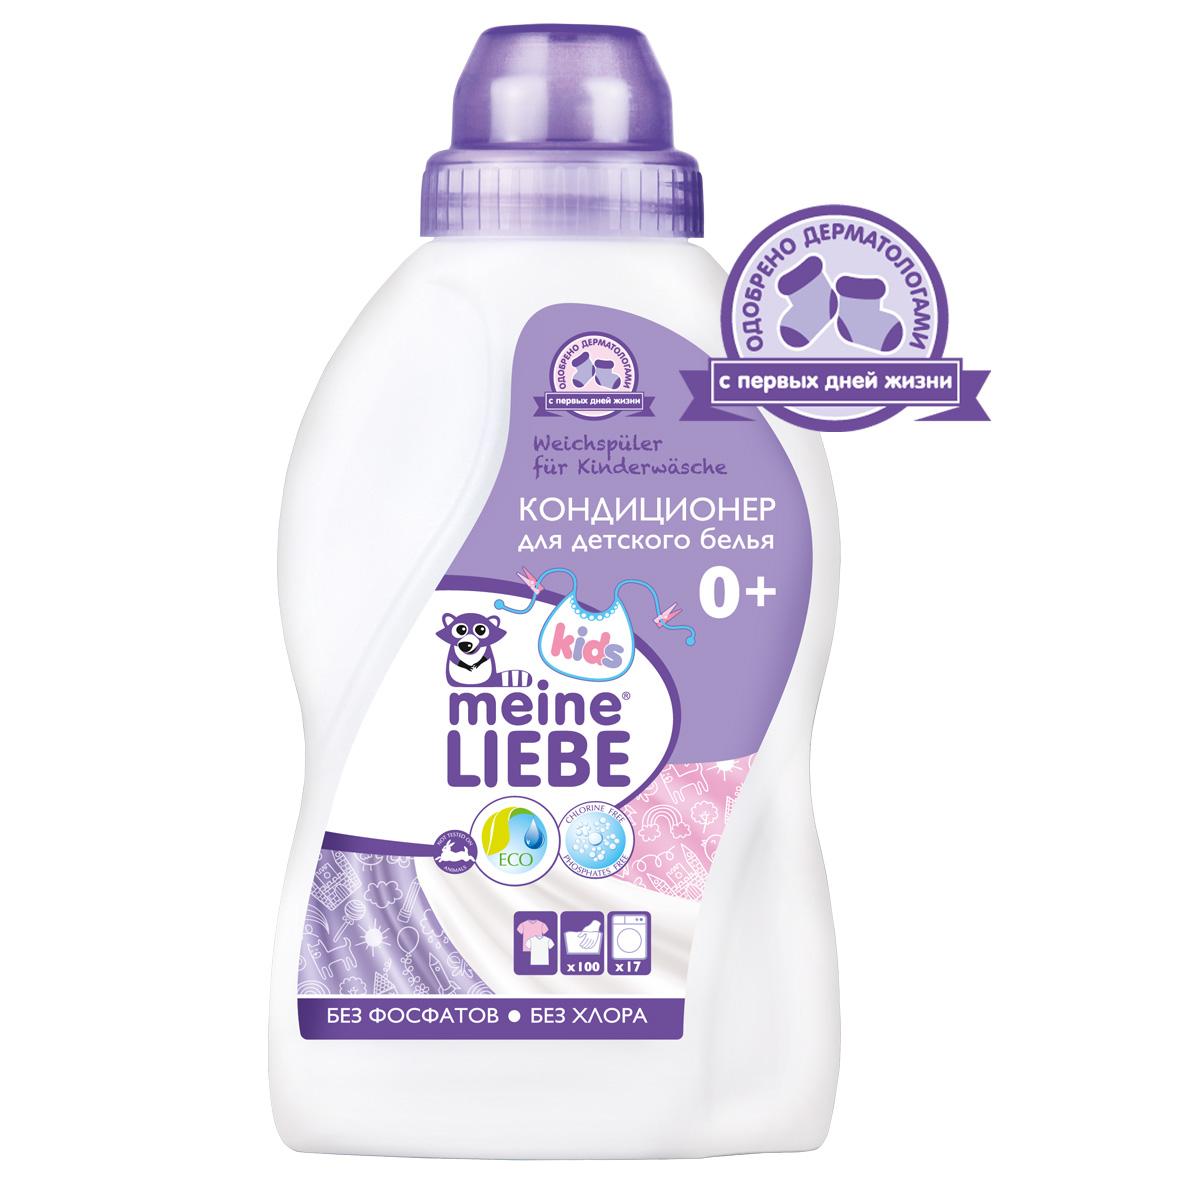 Кондиционер Meine Liebe для белья 500 мл. Для детского белья<br>